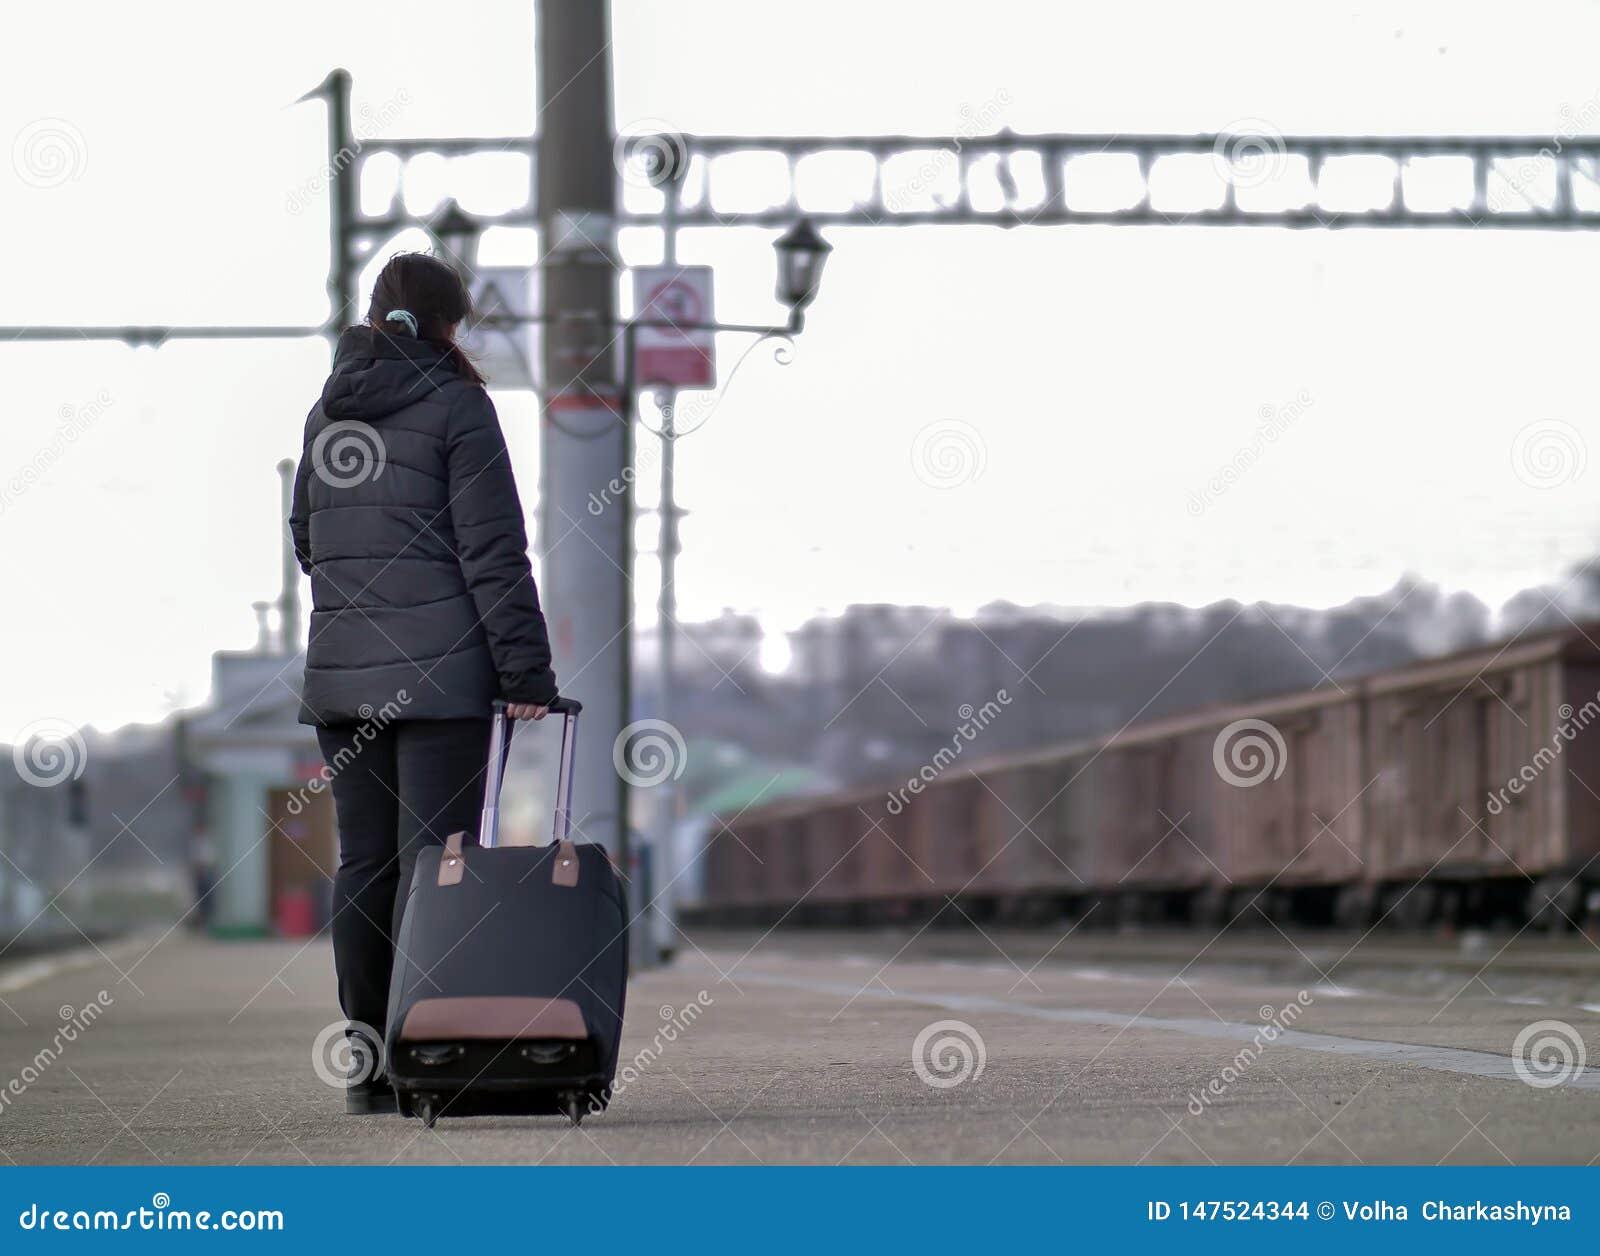 Ένα μόνο κορίτσι με μια μαύρη βαλίτσα στέκεται στην πλατφόρμα περιμένοντας το τραίνο